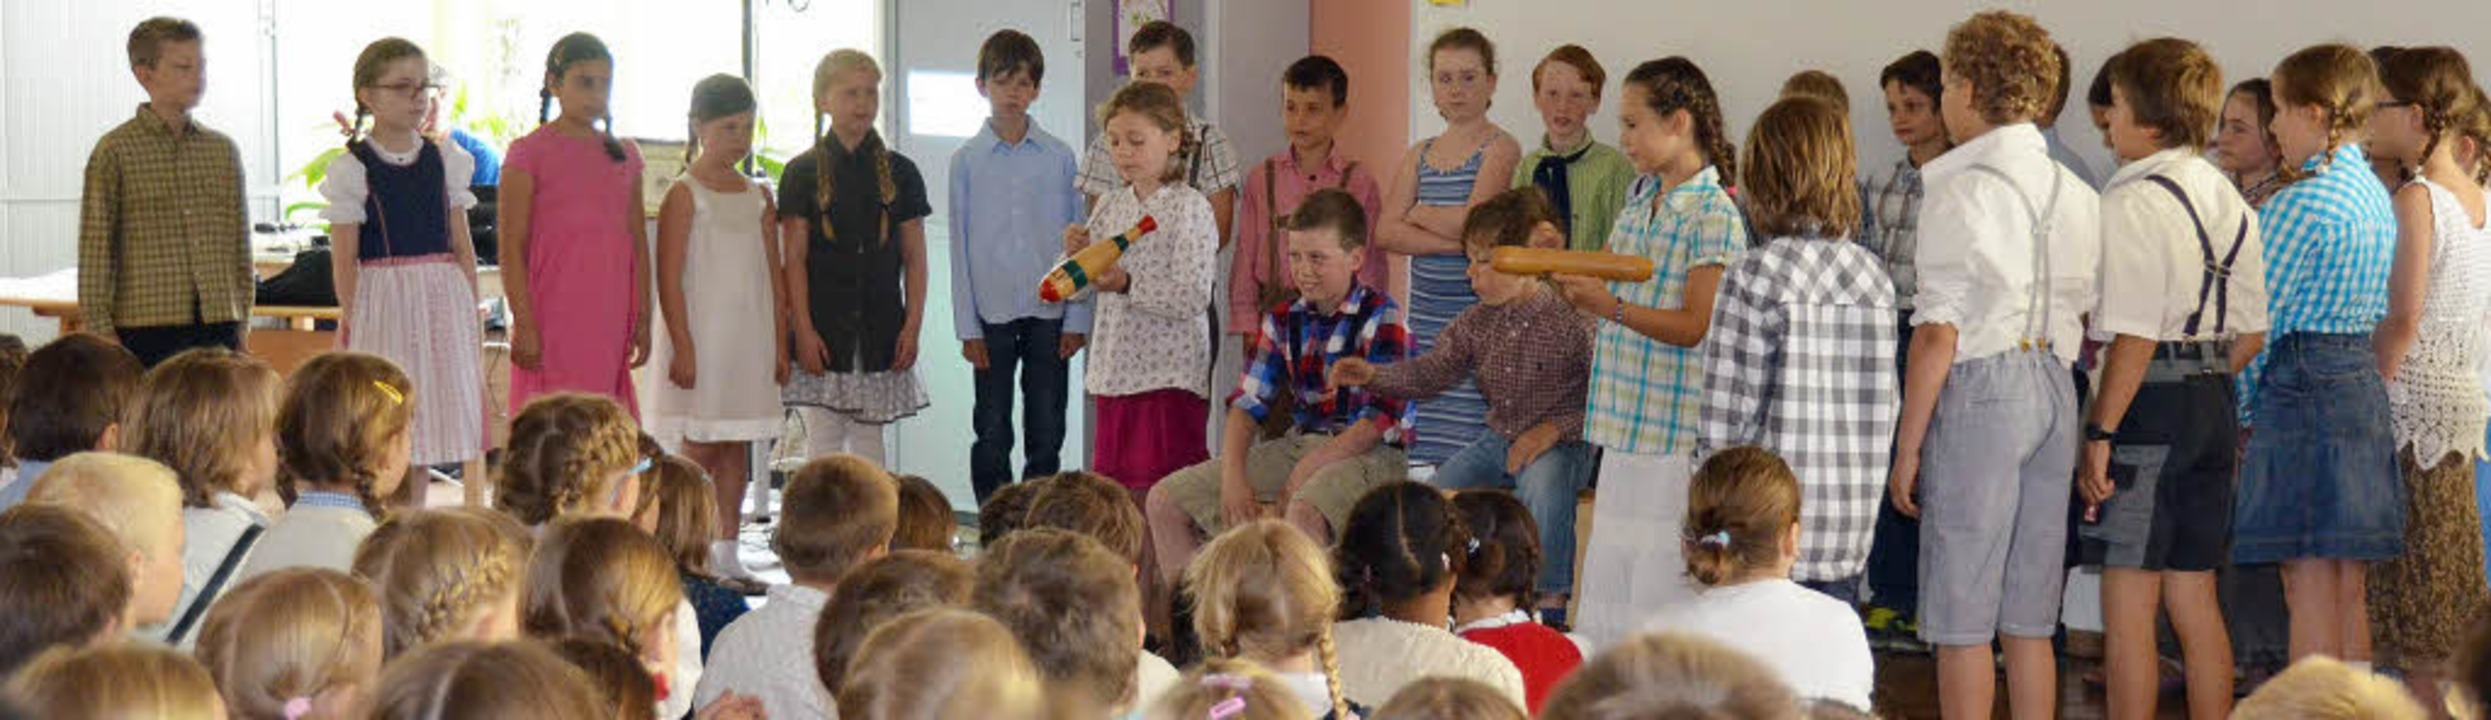 100 Jahre Grundschule Kirchzarten  | Foto: Andrea Drescher